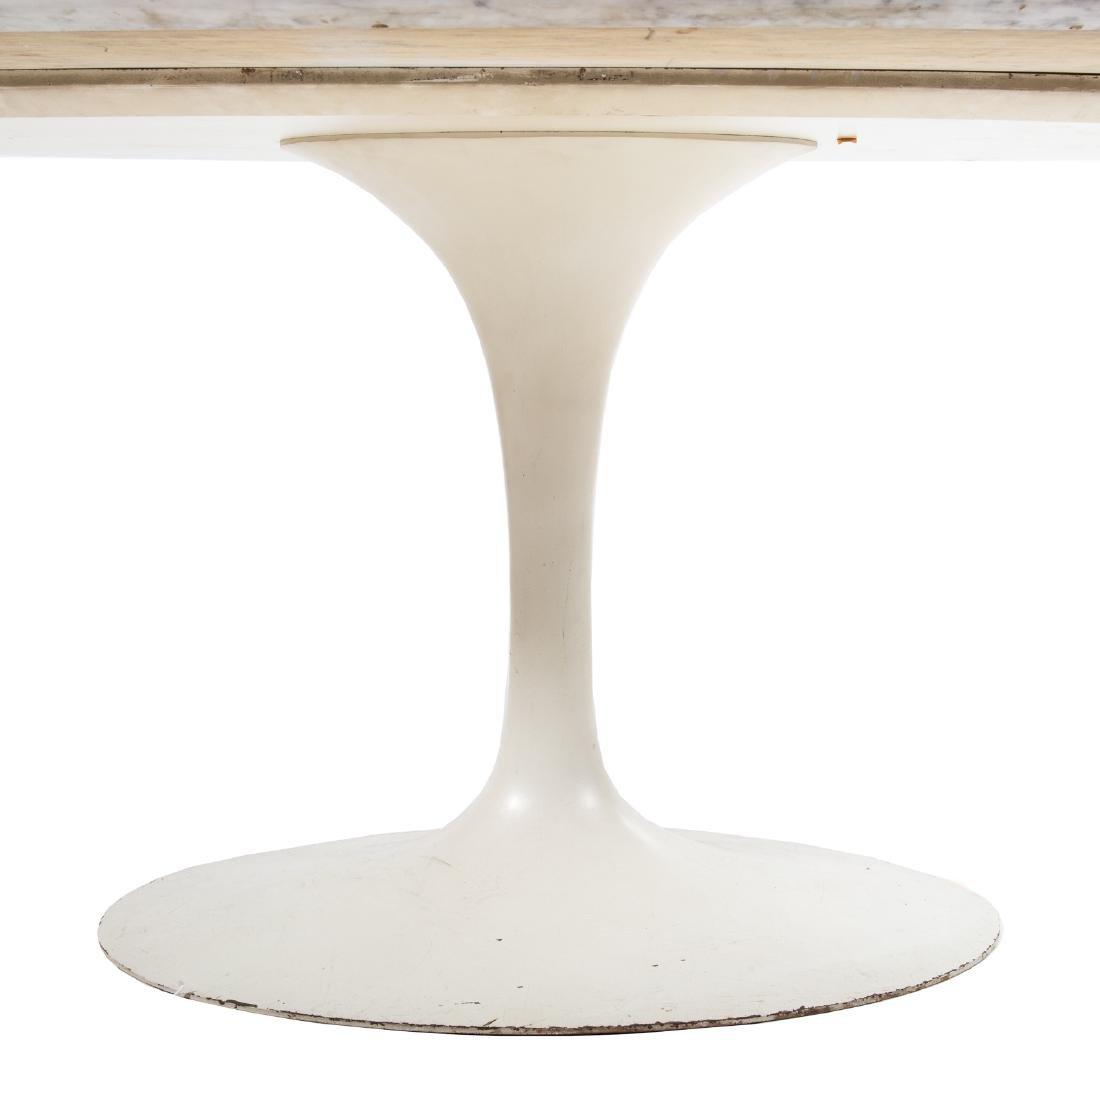 Eero Saarinen Mid-Century Modern Tulip table - 3